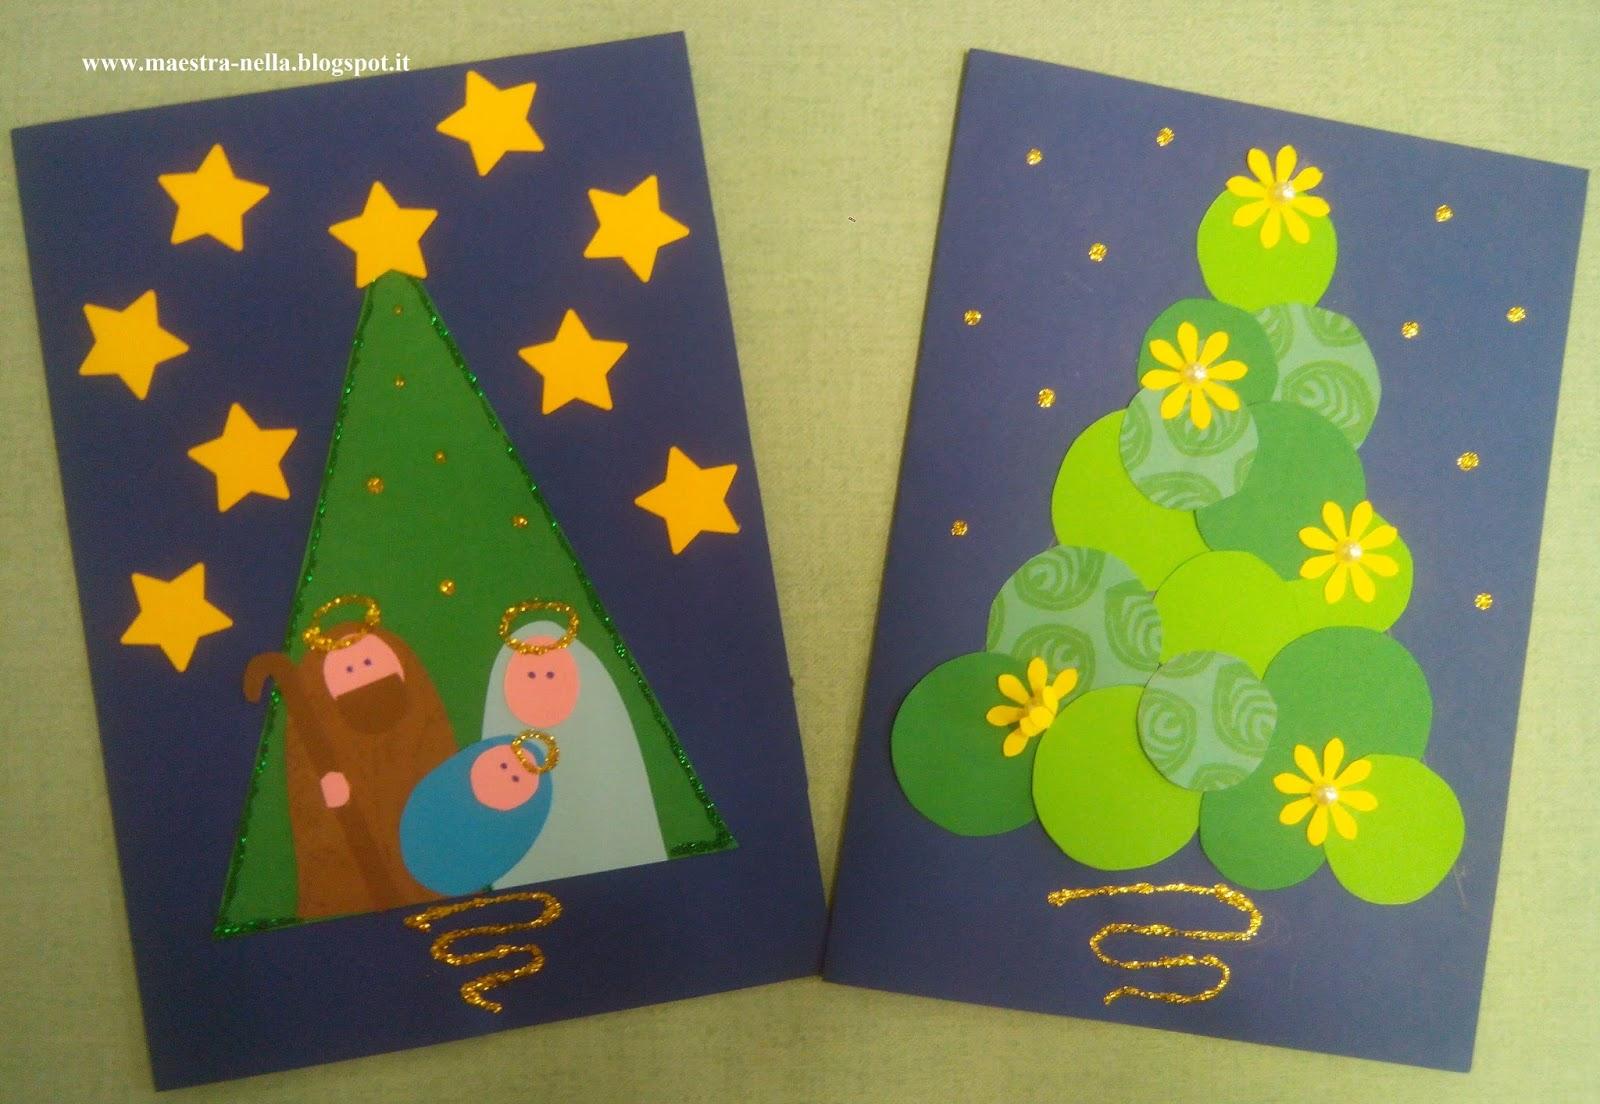 Maestra Nella Biglietti Di Natale